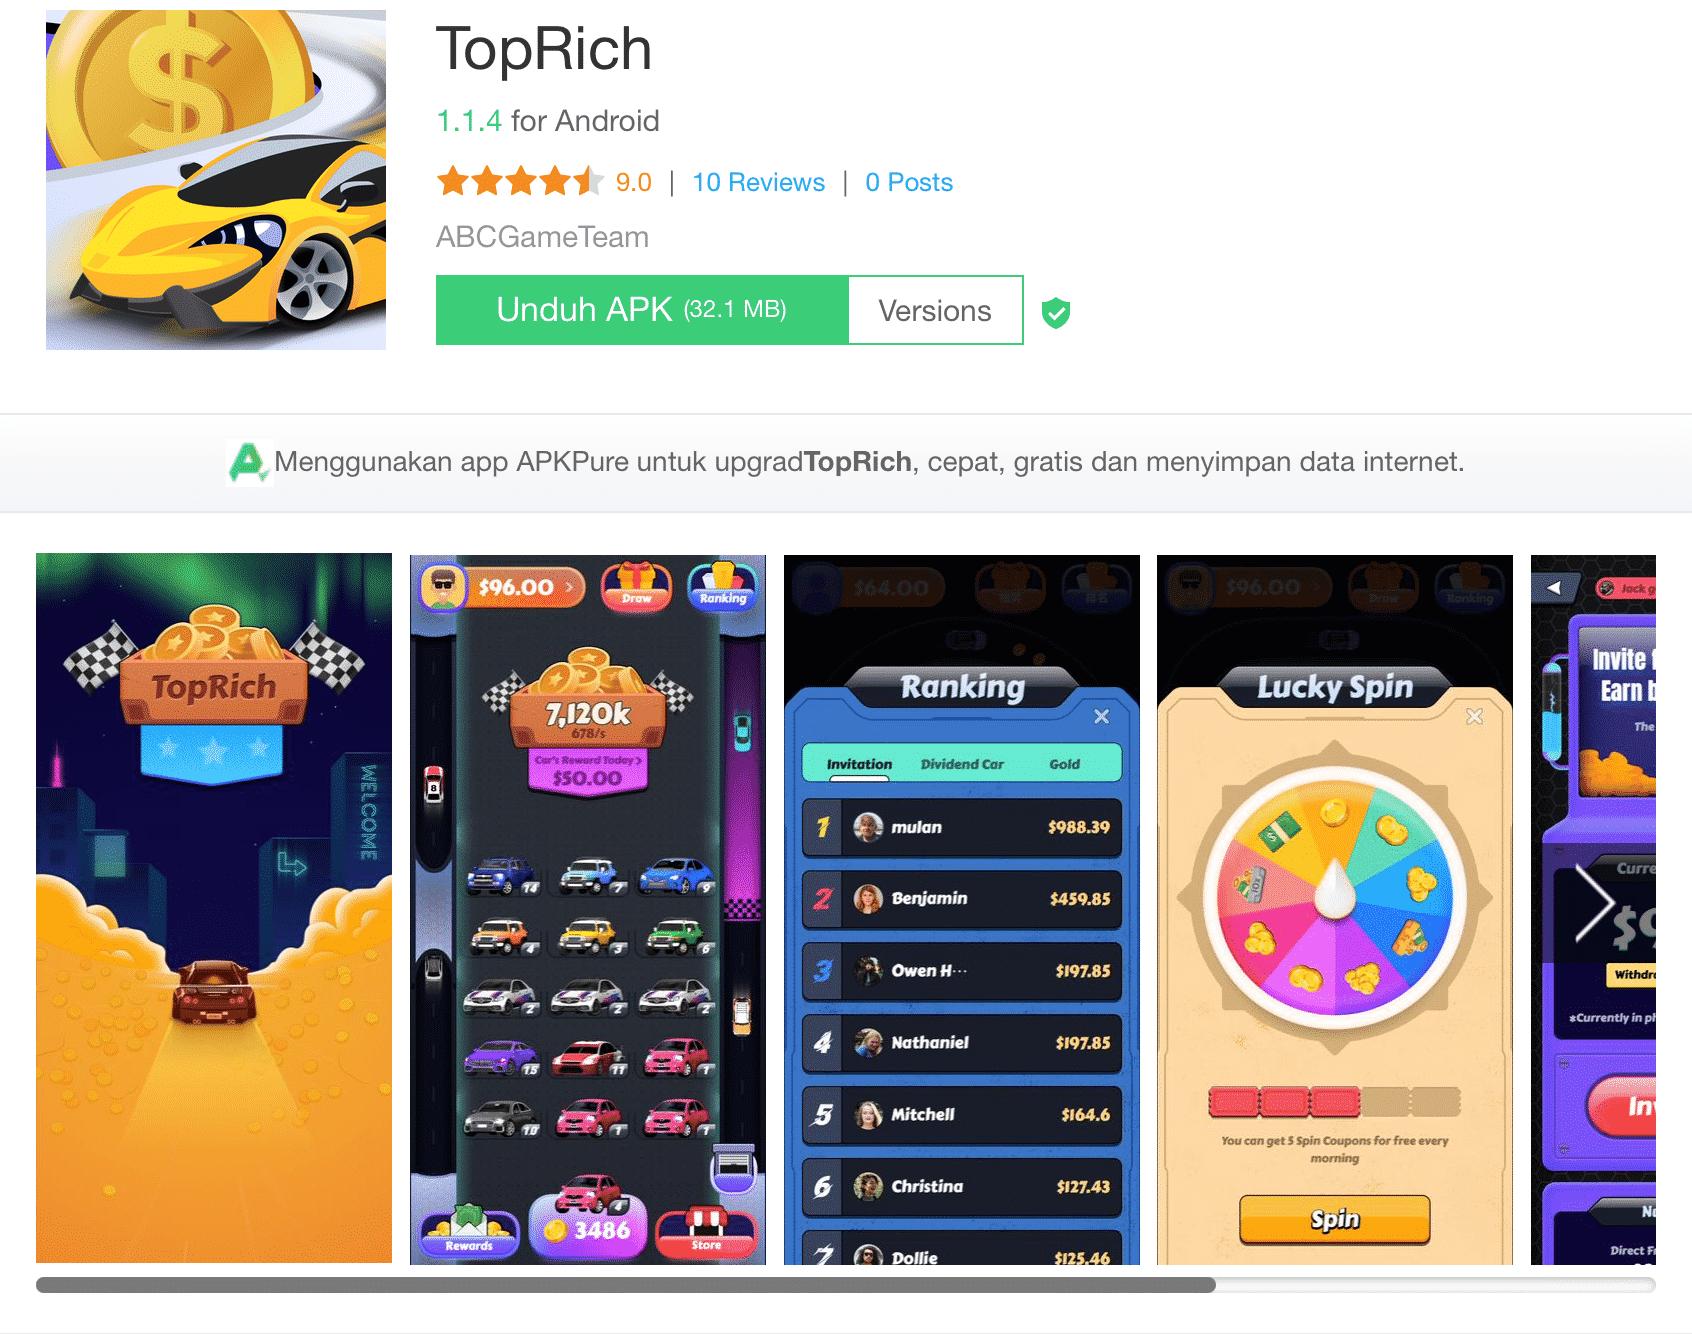 Panduan-Withdraw-Top-Rich